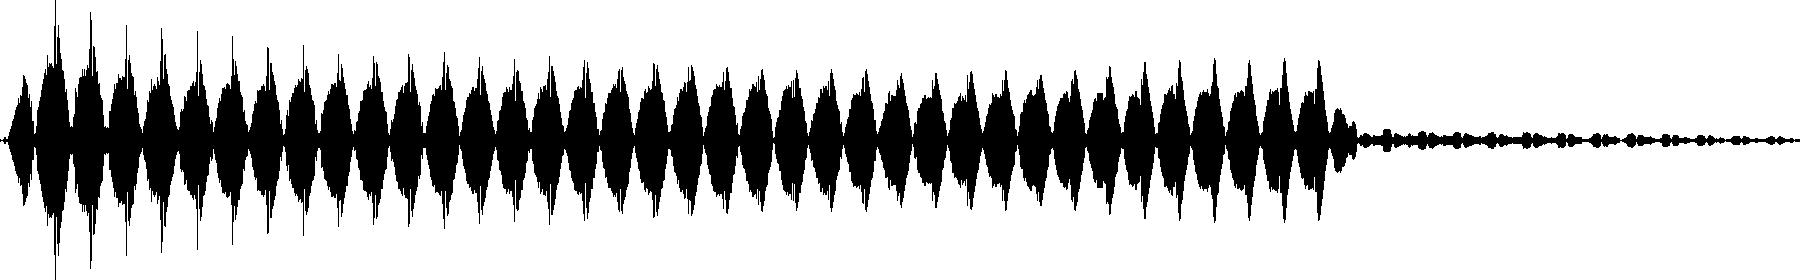 veh2 synths   069 c